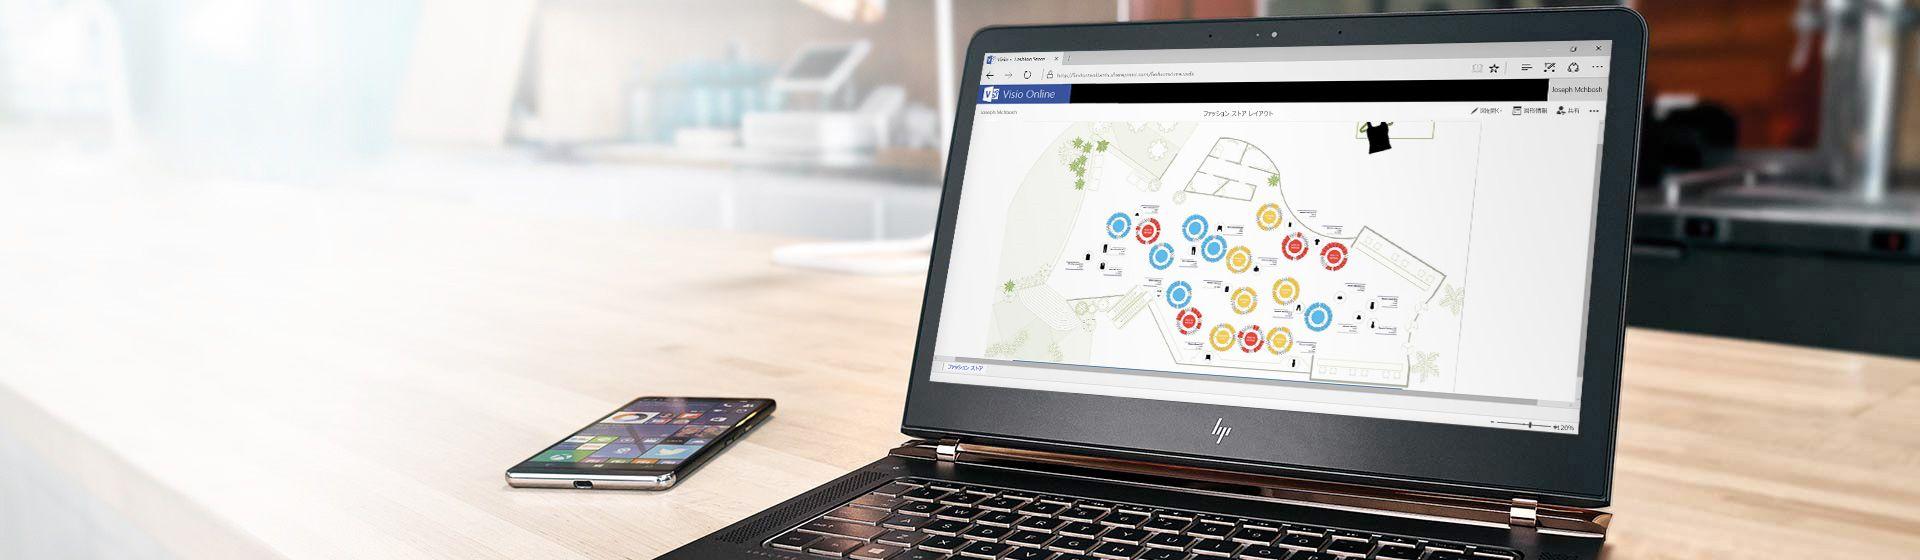 テーブルの上にスマートフォンがあり、その横のノート PC の画面に Visio Online の図面が表示されています